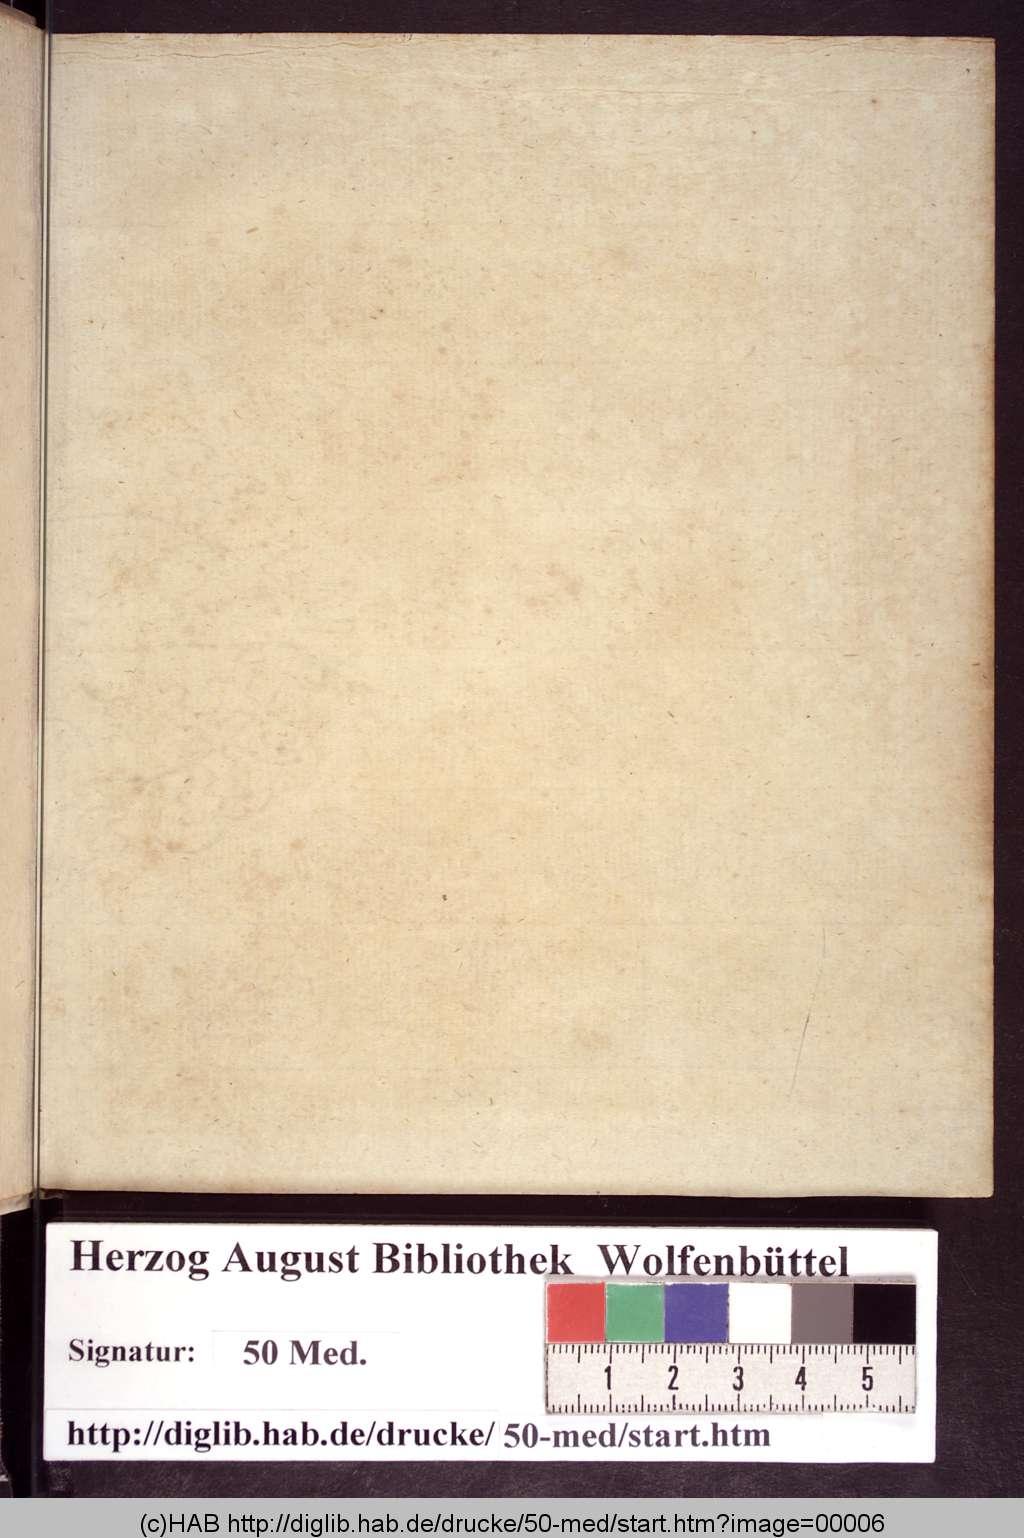 http://diglib.hab.de/drucke/50-med/00006.jpg